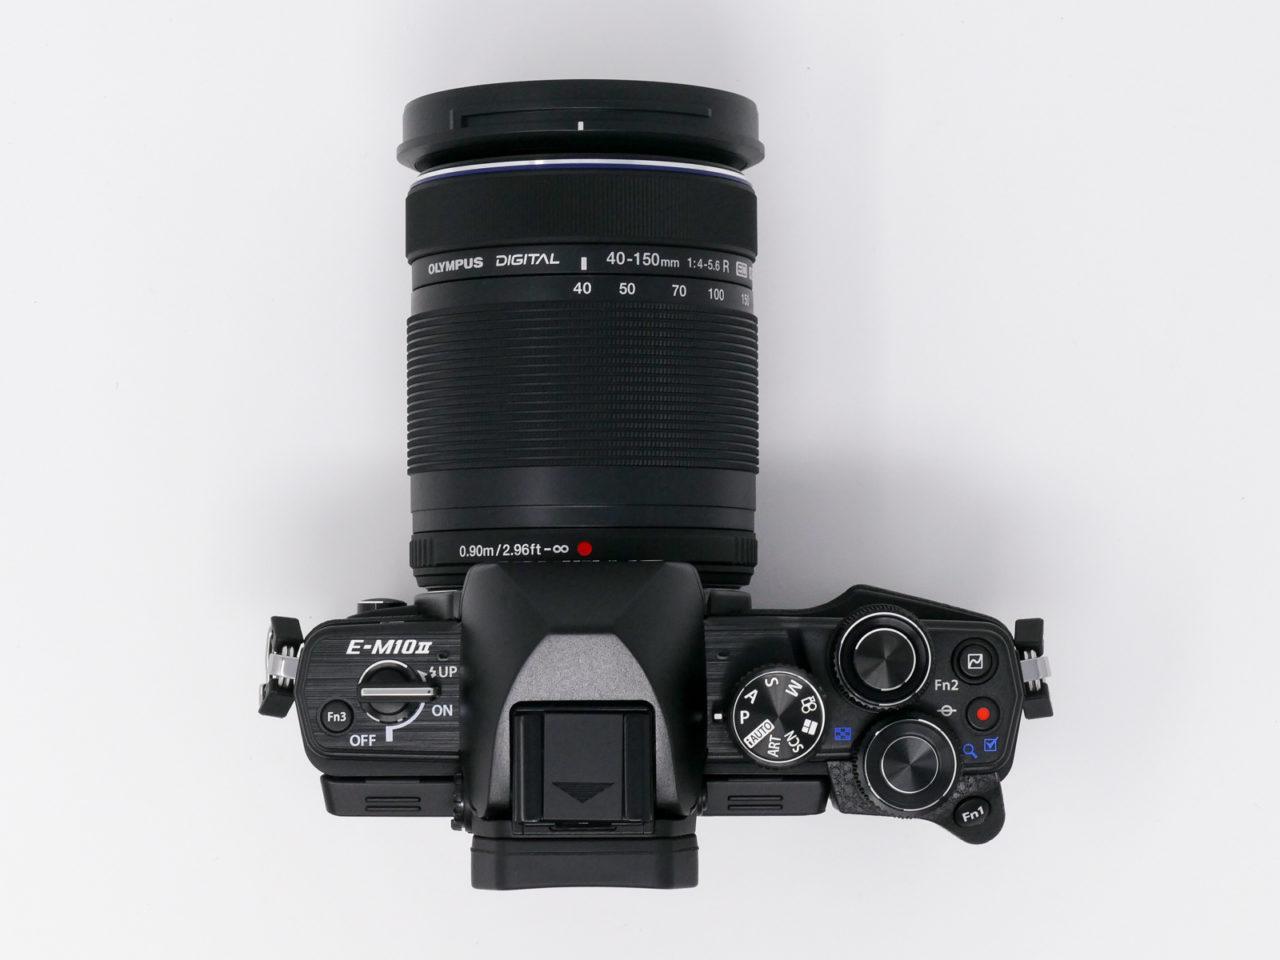 OM-D E-M10 MarkIIとM.ZUIKO DIGITAL 40-150mm